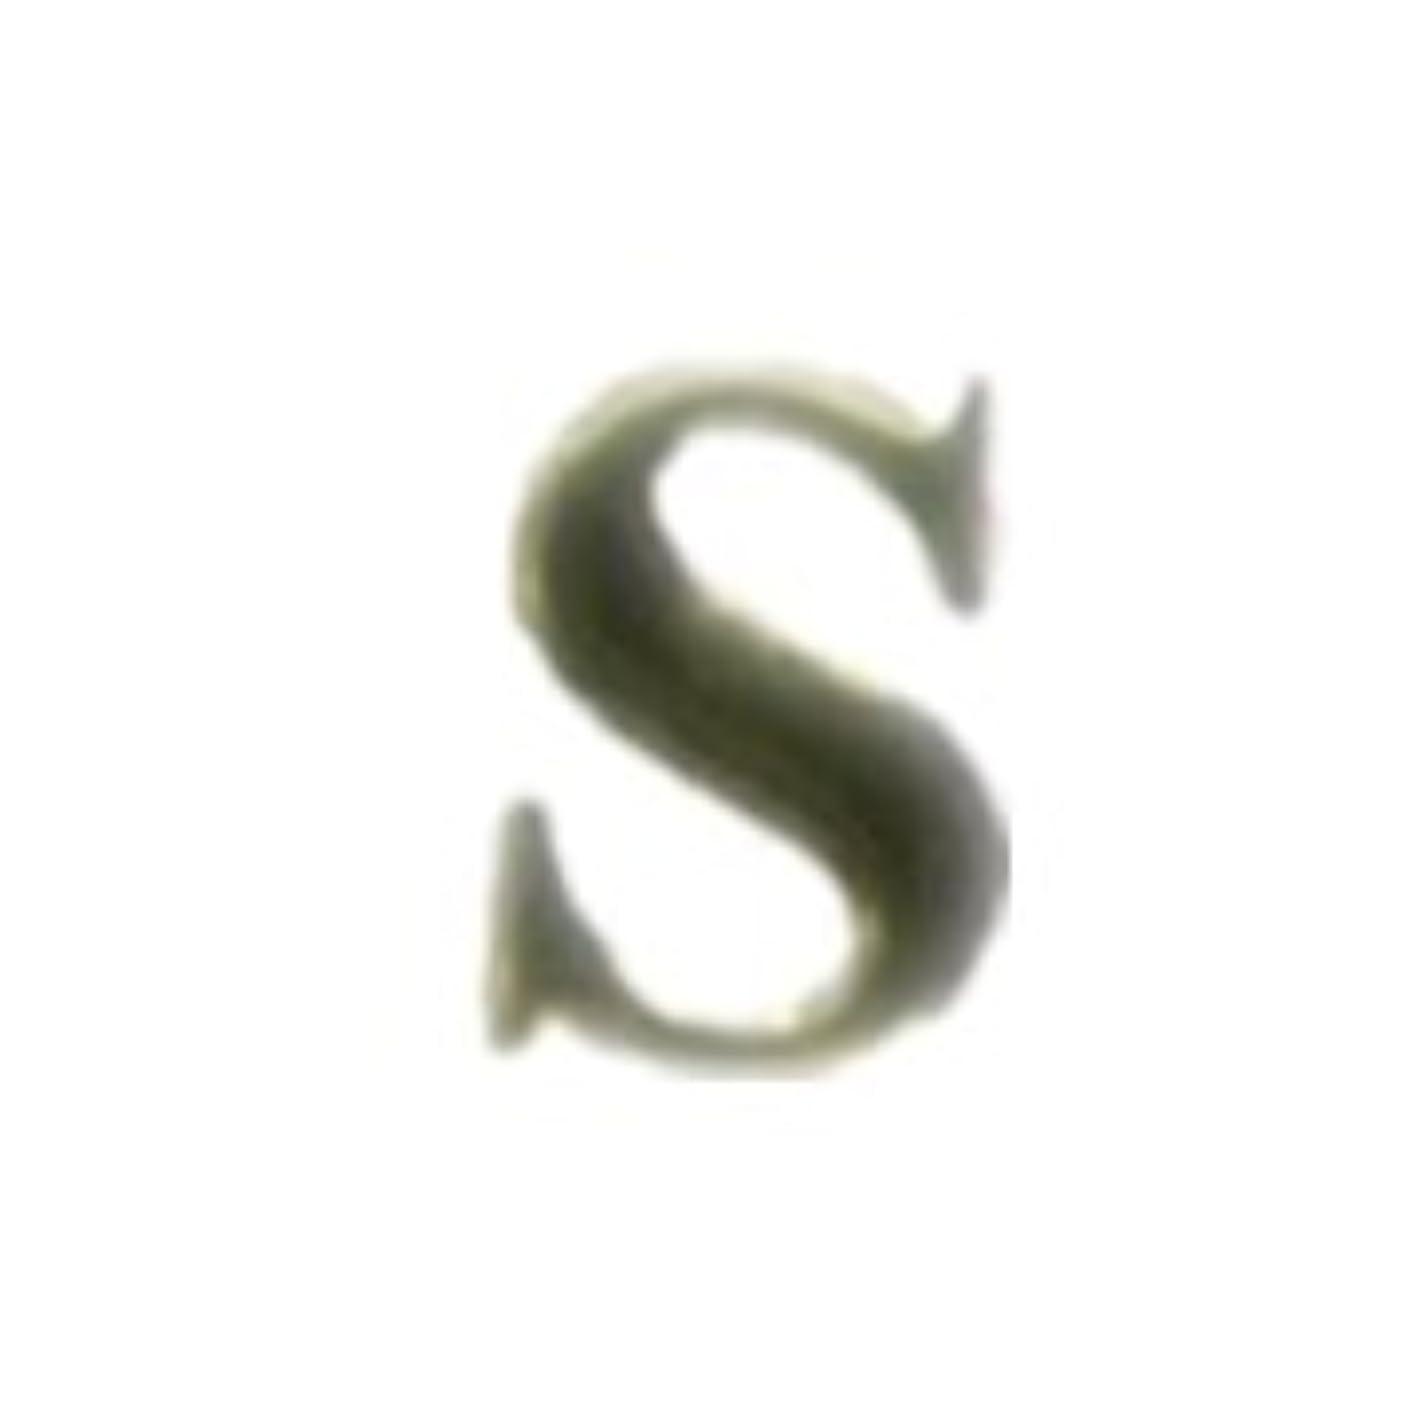 バン懐疑的長さメタルパーツ 5枚【S, ゴールド($19)】イニシャルパーツ ゴールド ローマ字 大文字 英語 ネイルアート デザインパーツ ネイルアート(S, ゴールド)